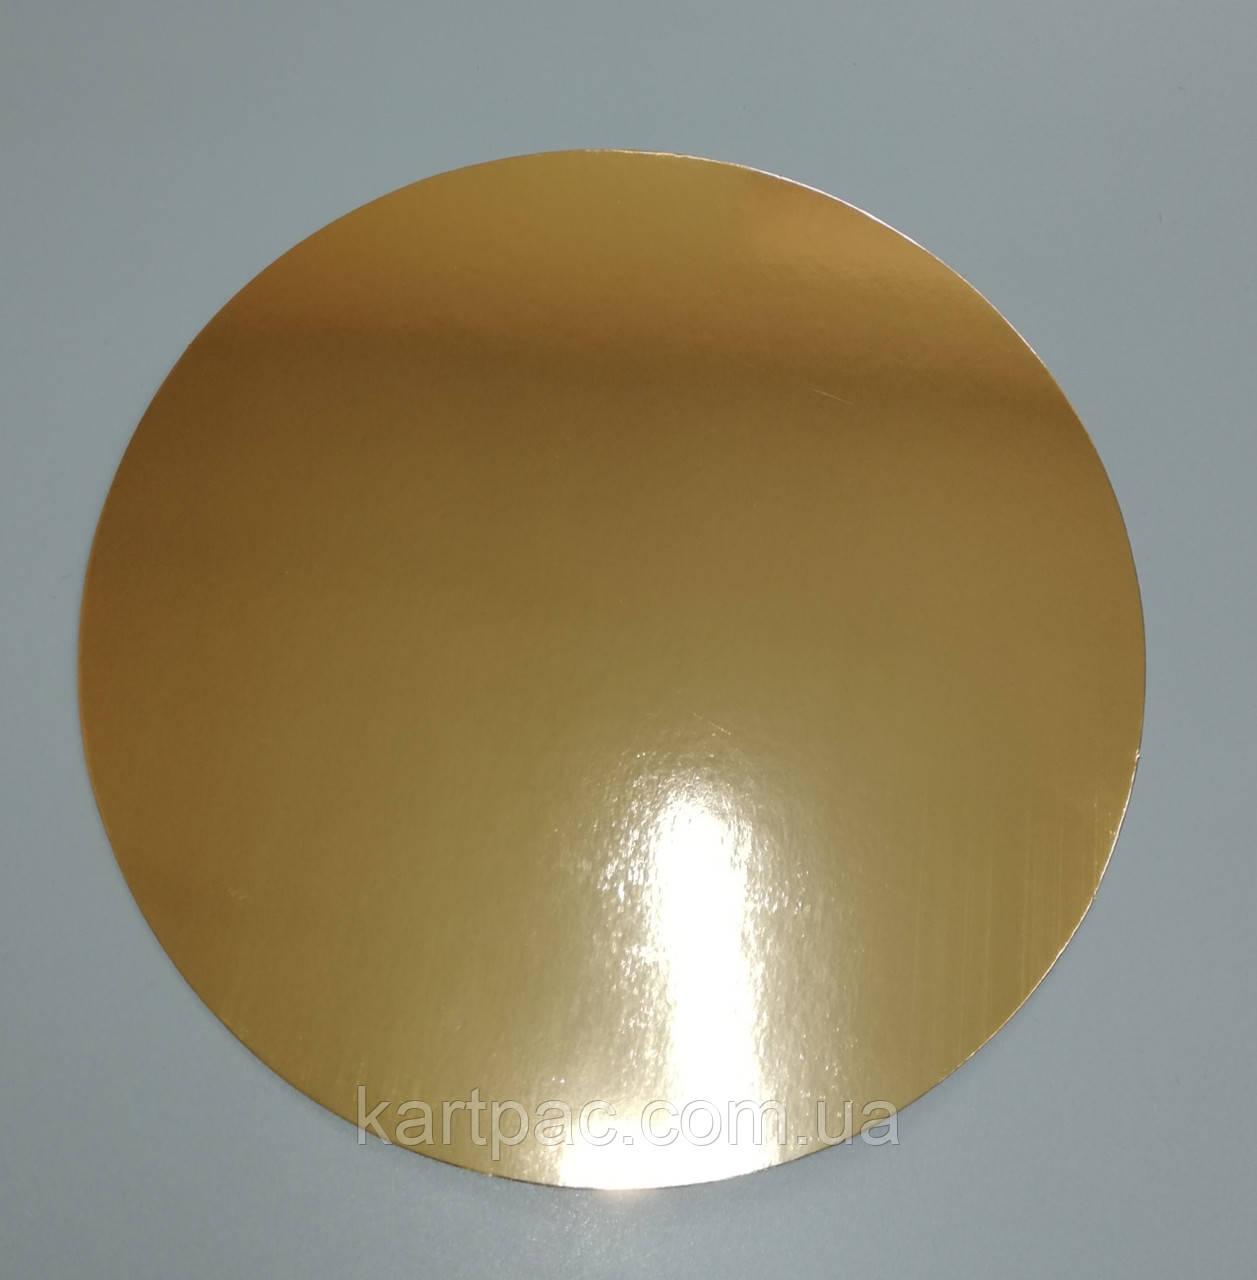 Ламинированная подложка для торта 260 мм з/с